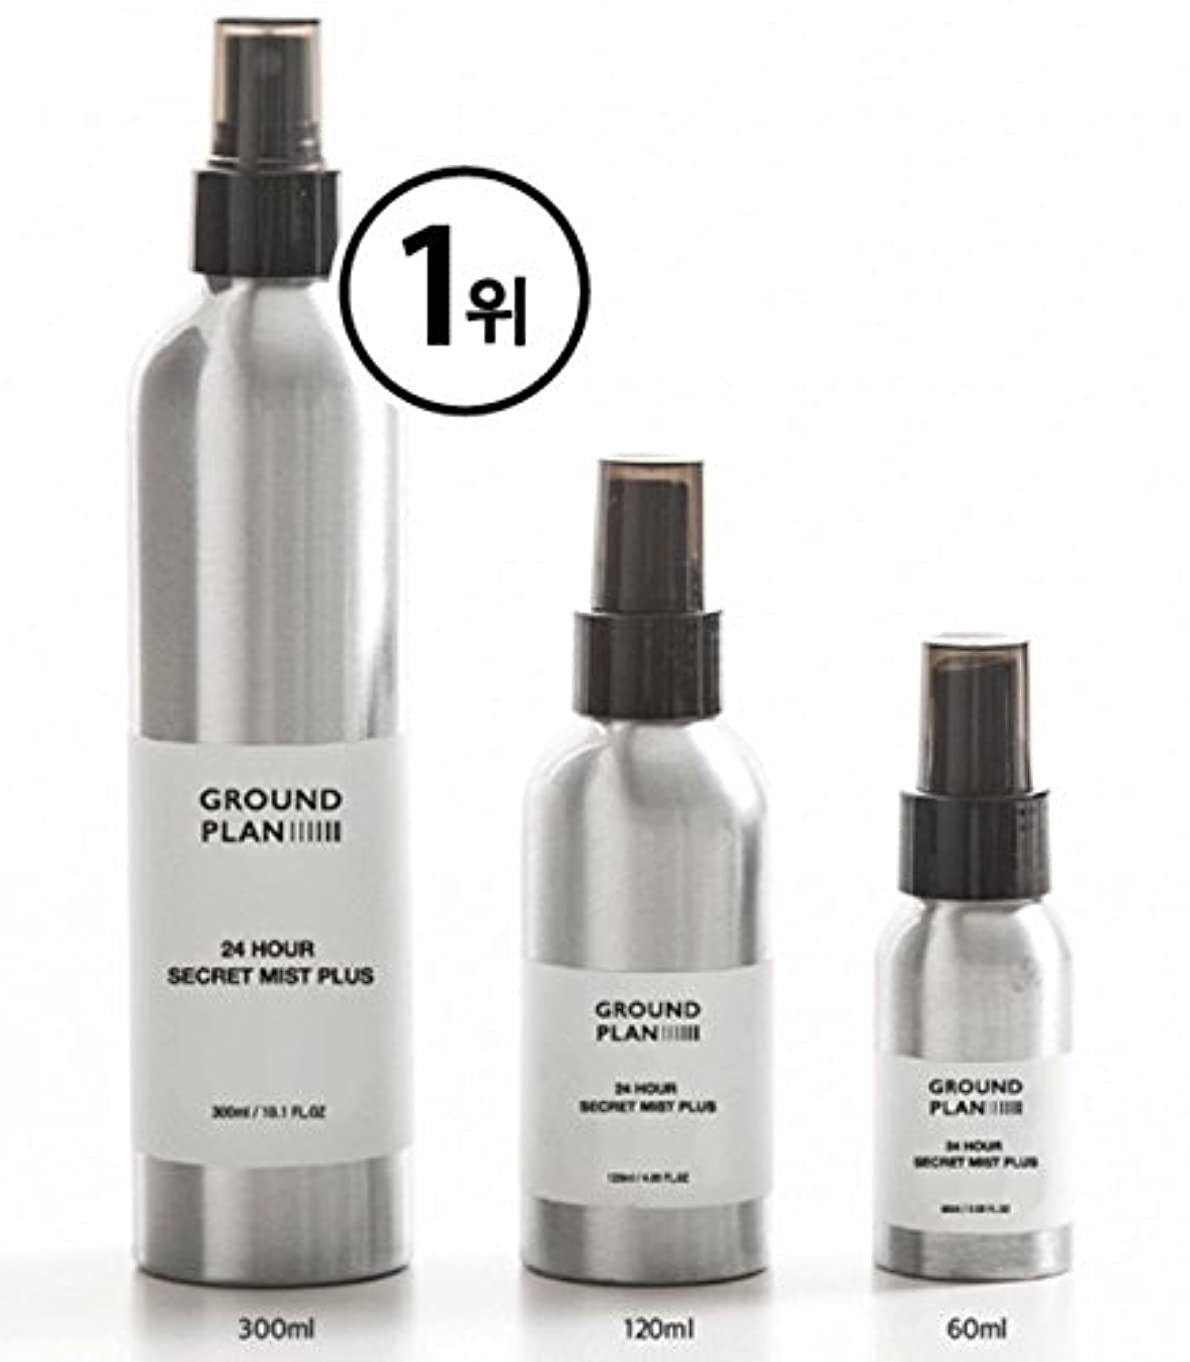 トライアスリートハチイデオロギー[グラウンド?プラン] 24Hour 秘密 スキンミスト Plus (60ml) Ground plan 24 Hour Secret Skin Mist Plus [海外直送品]